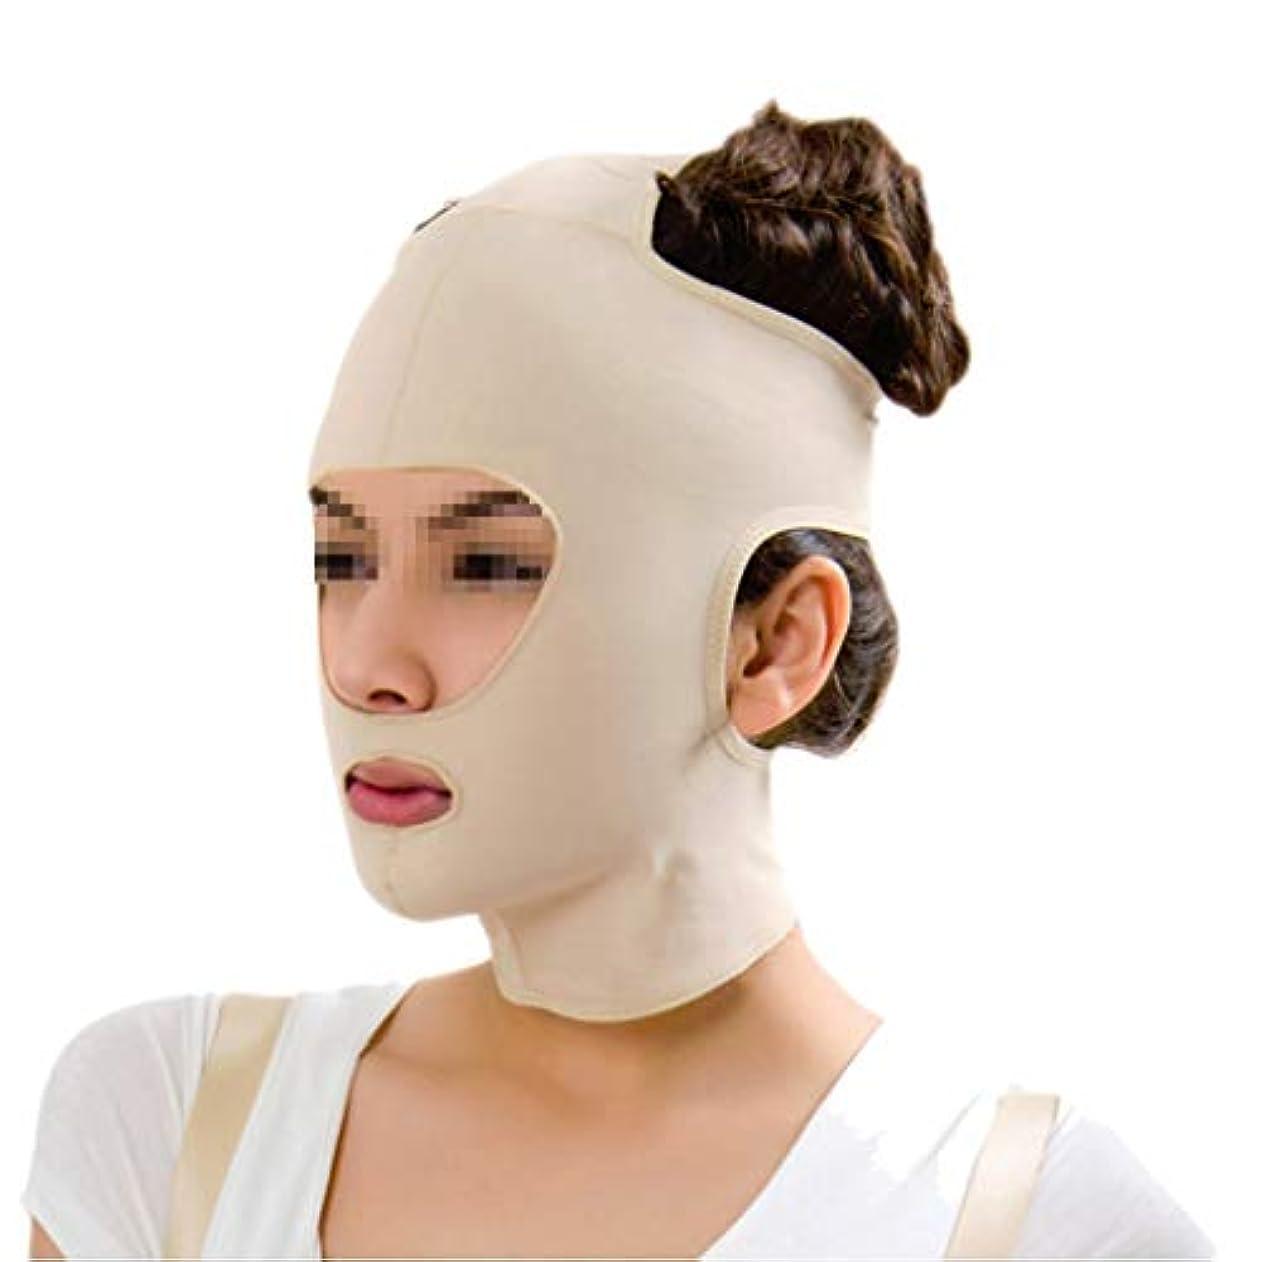 費やす生き返らせるどこでもXHLMRMJ フェイスリフトマスク、フルフェイスマスク医療グレード圧力フェイスダブルチンプラスチック脂肪吸引術弾性包帯ヘッドギア後の顔の脂肪吸引術 (Size : S)